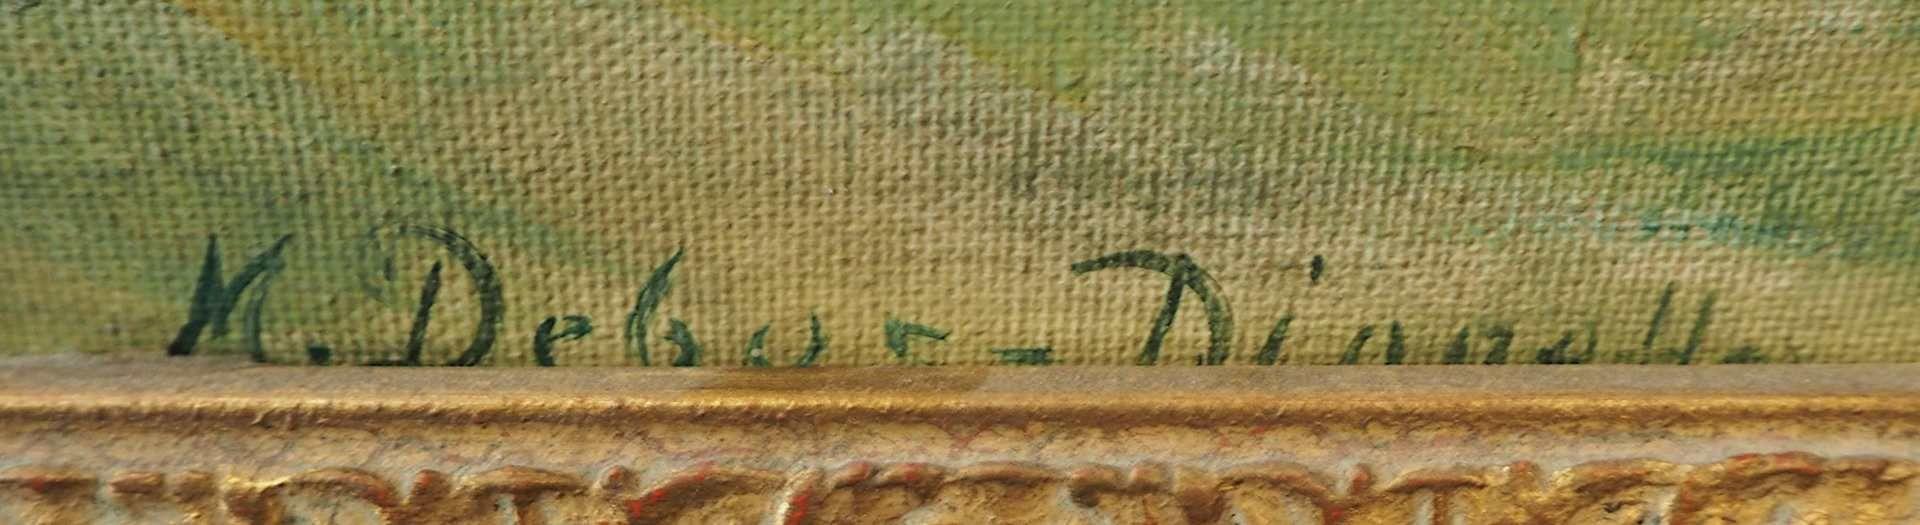 """1 Ölgemälde """"Blumenstillleben mit Sonnenblumen, Fayenceteller und Äpfeln"""" R.u. sign. M. DEBUS - Bild 3 aus 4"""